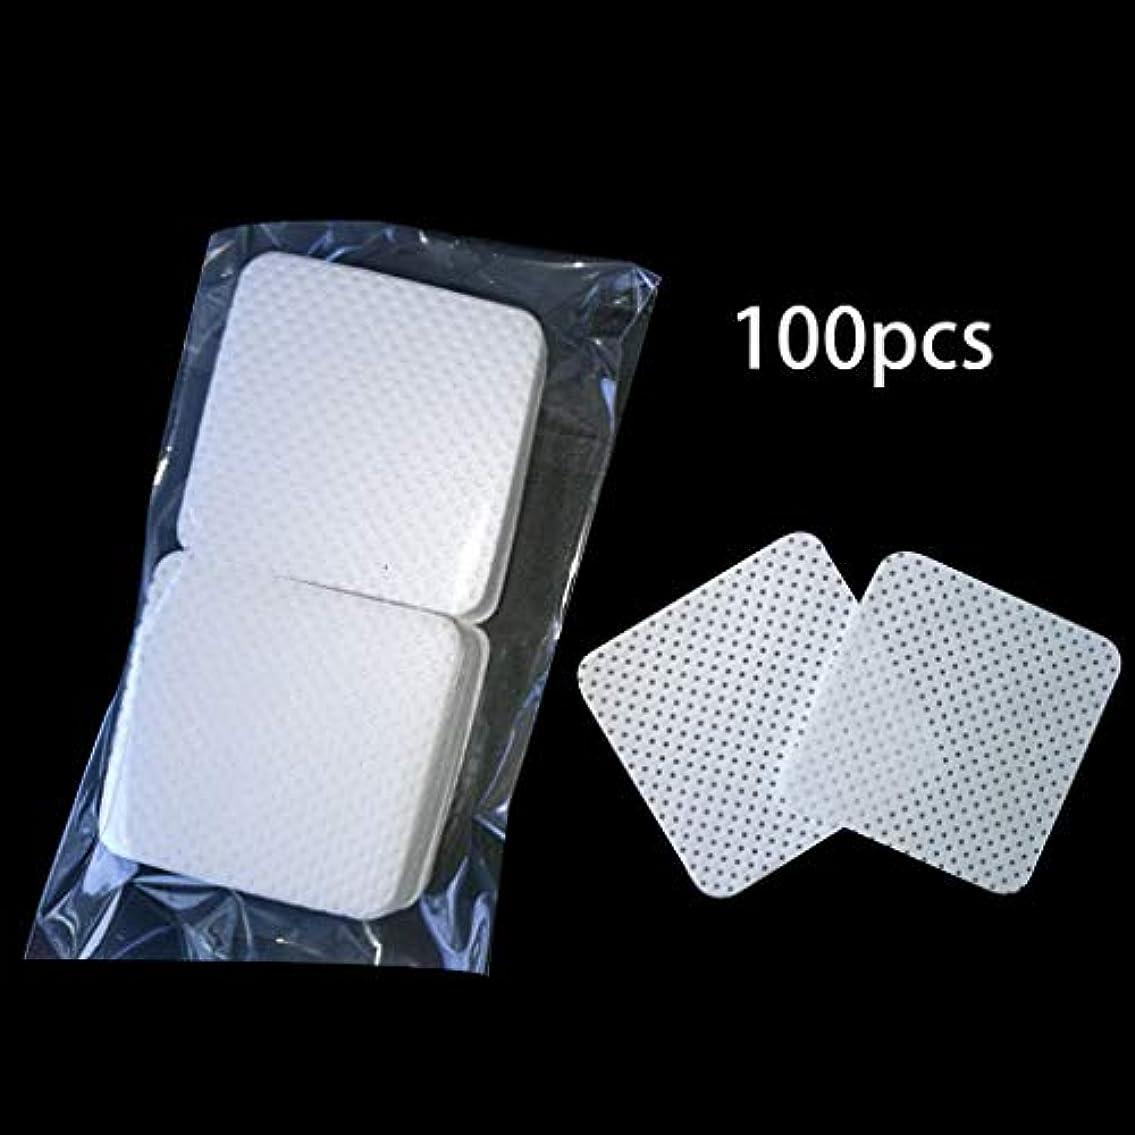 君主制誰でもビットLamdoo 100ピース/バッグ使い捨てまつげエクステンション接着剤削除綿パッド瓶口拭きパッチメイク化粧品クリーニングツール